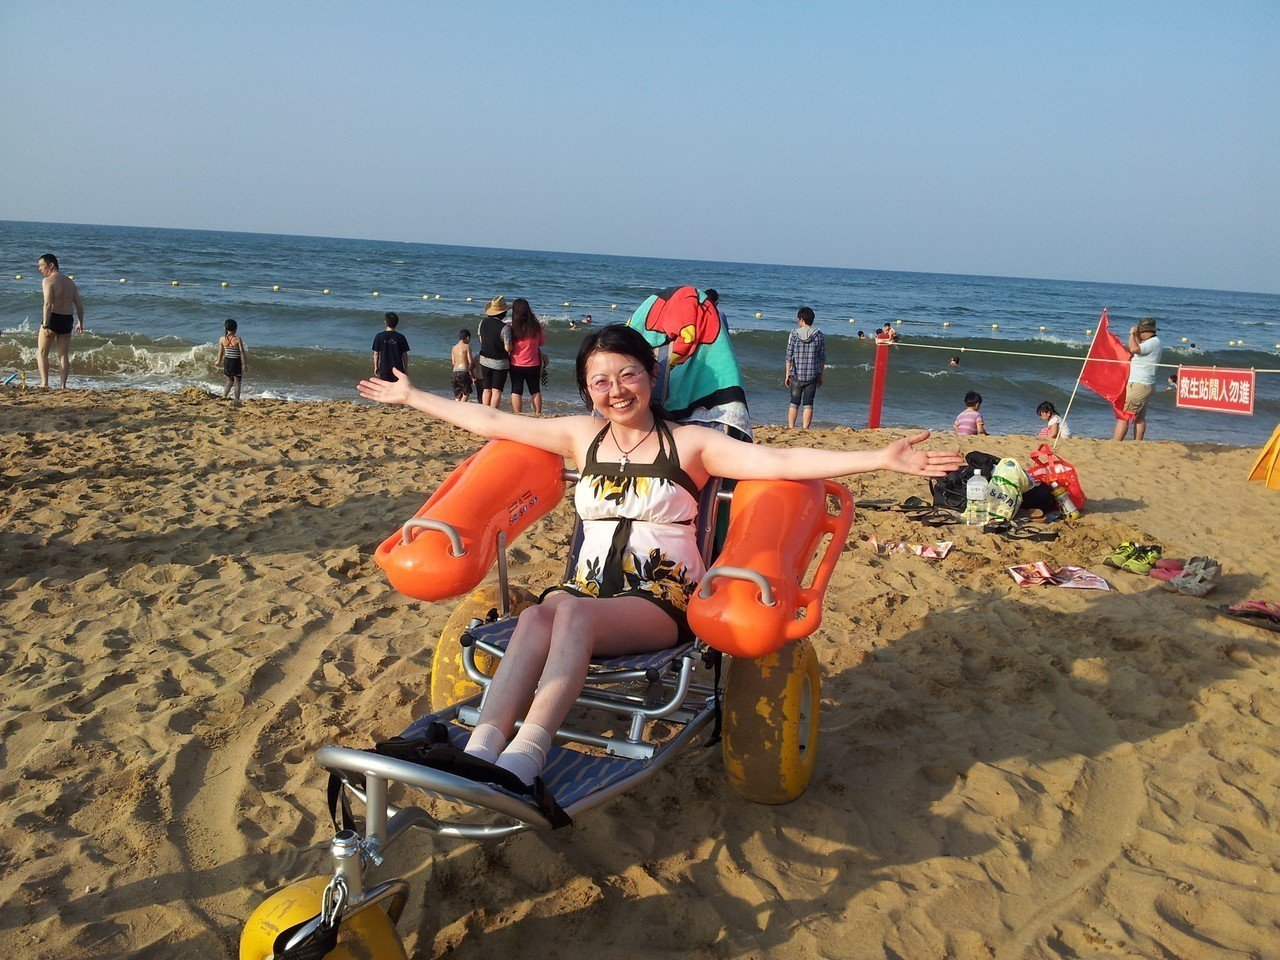 國內首位輪椅導遊黃欣儀,買下沙灘輪椅帶輪椅族玩水。圖/黃欣儀提供